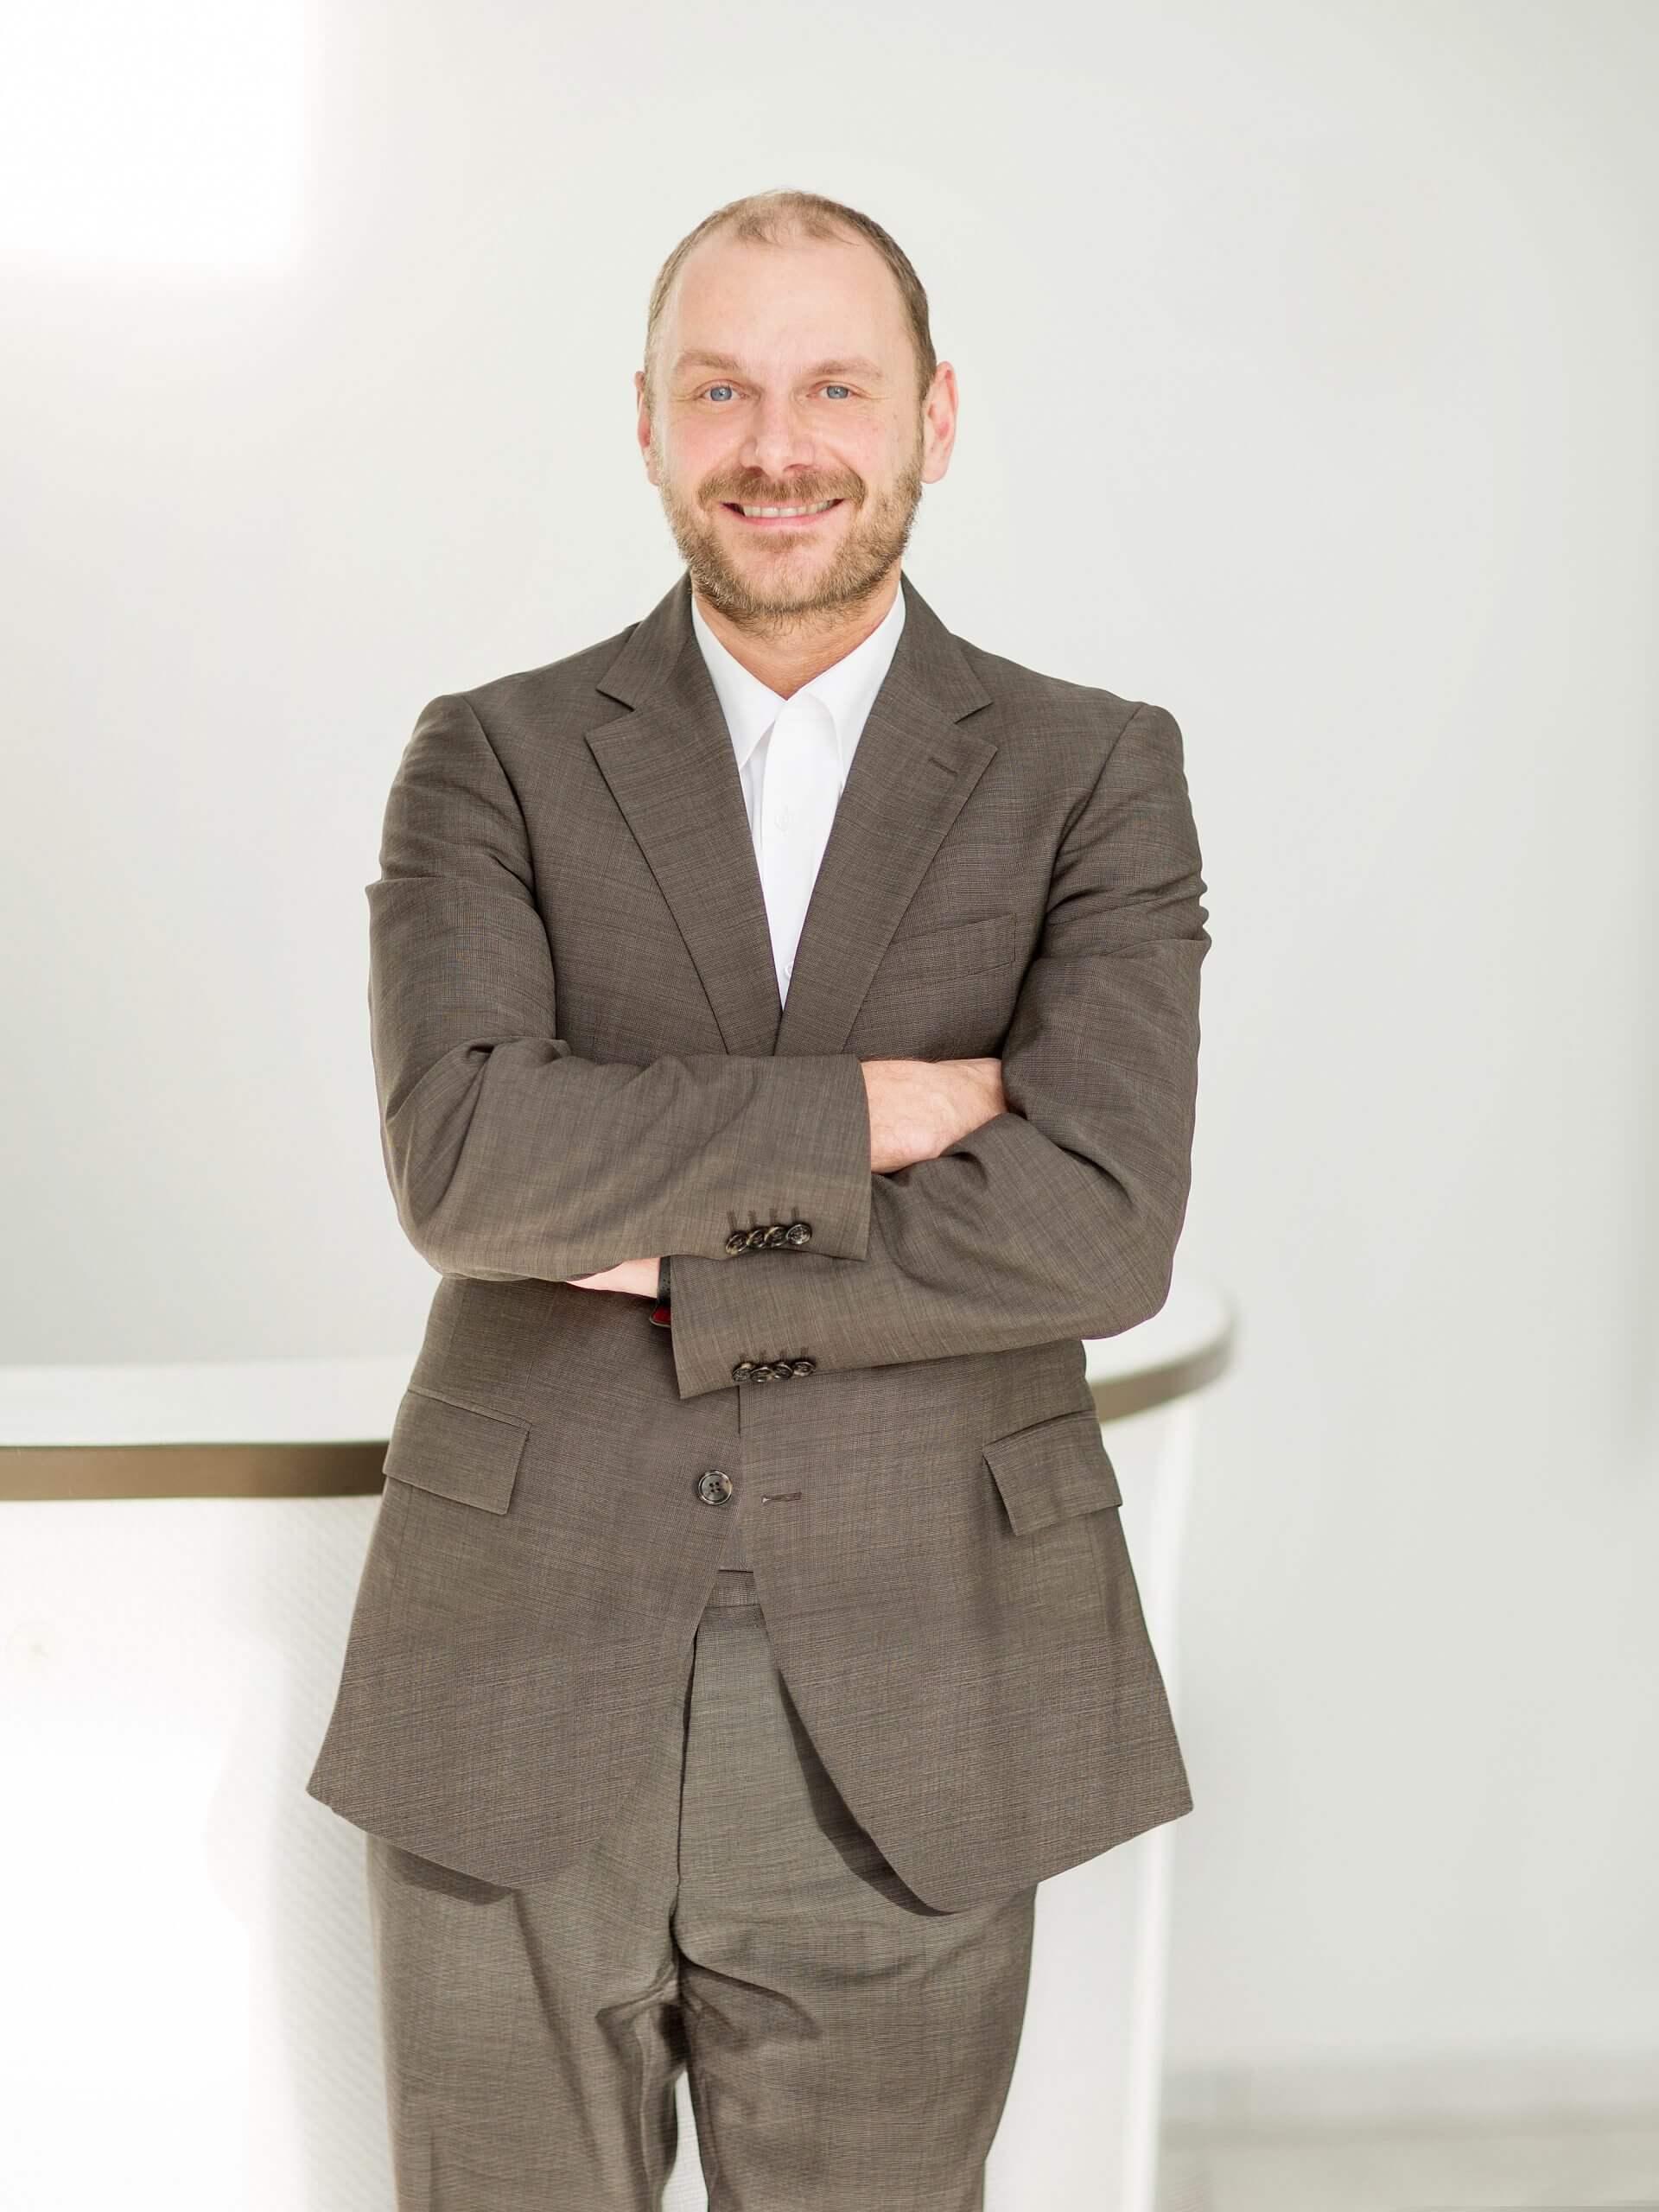 Mitarbeiter Henning Bock - Personalberater